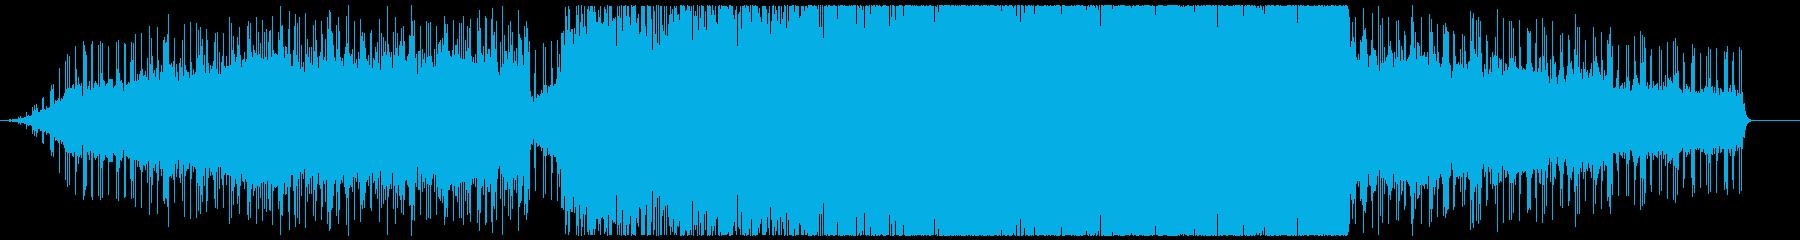 シンセのワンリフに様々な楽器が重なるの再生済みの波形